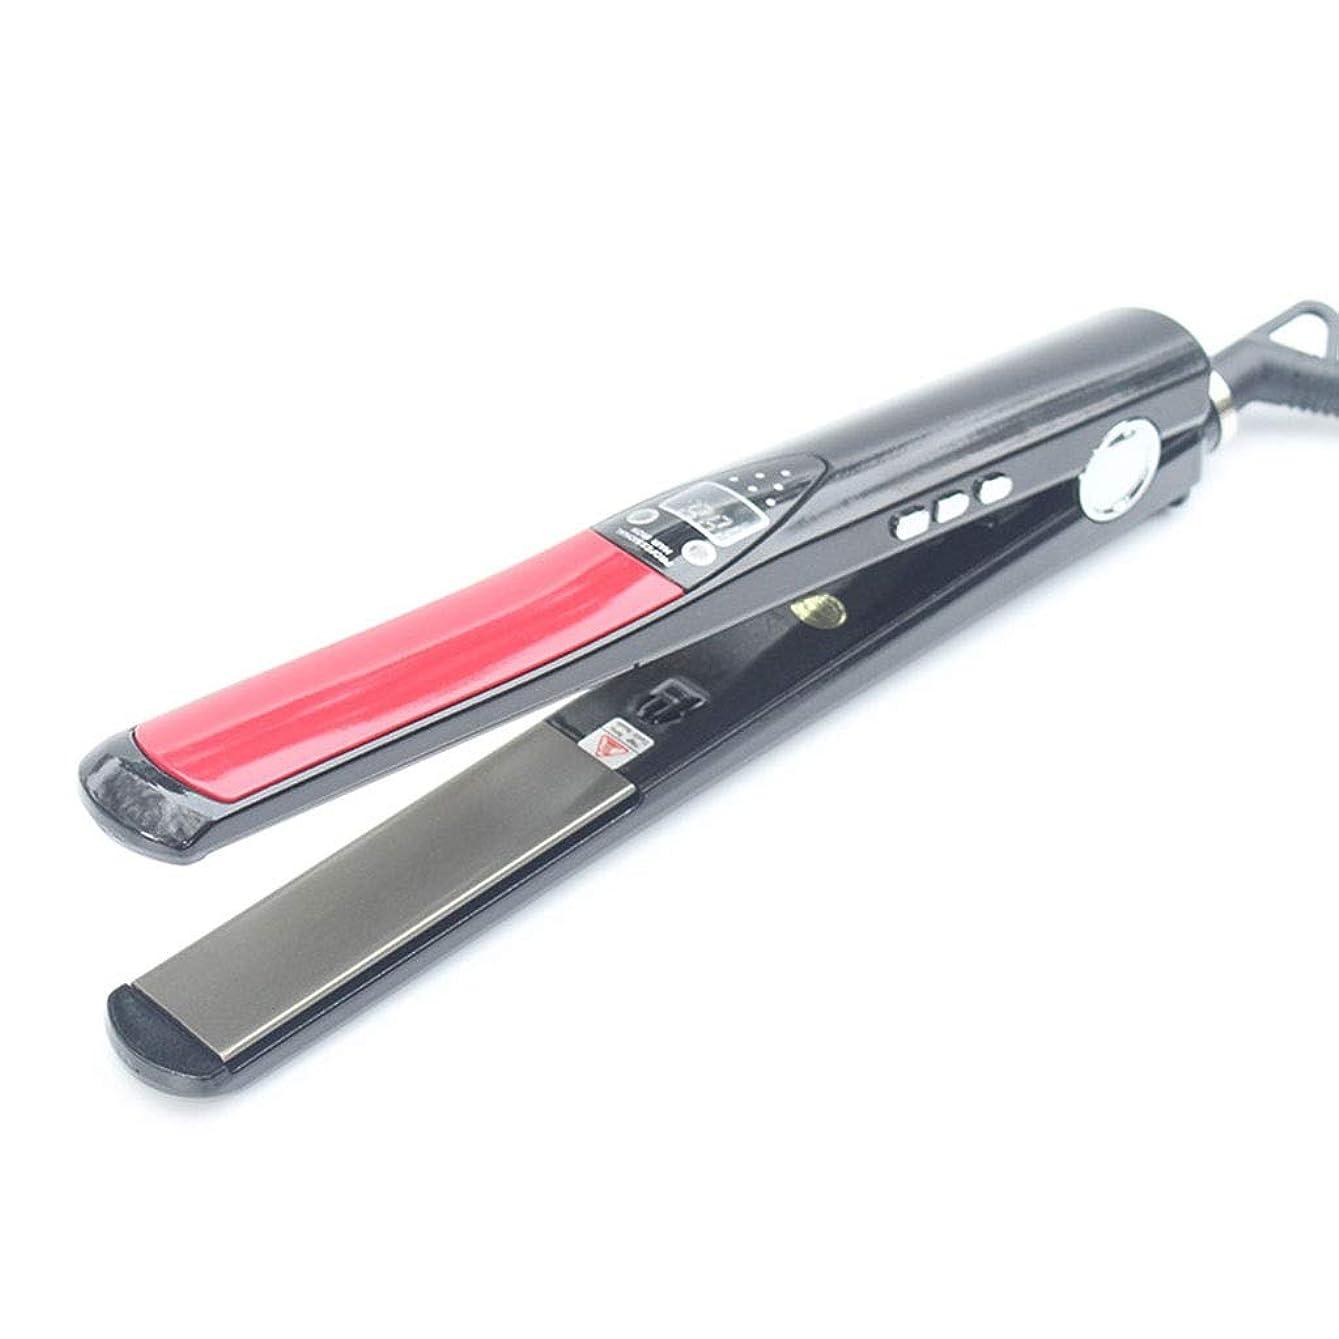 気まぐれなどれ軽蔑高温デジタルストレートヘアアイロンセラミックイオンスプリントは髪を傷つけない、ストレートヘアカーリングデュアルユースストレートプレート